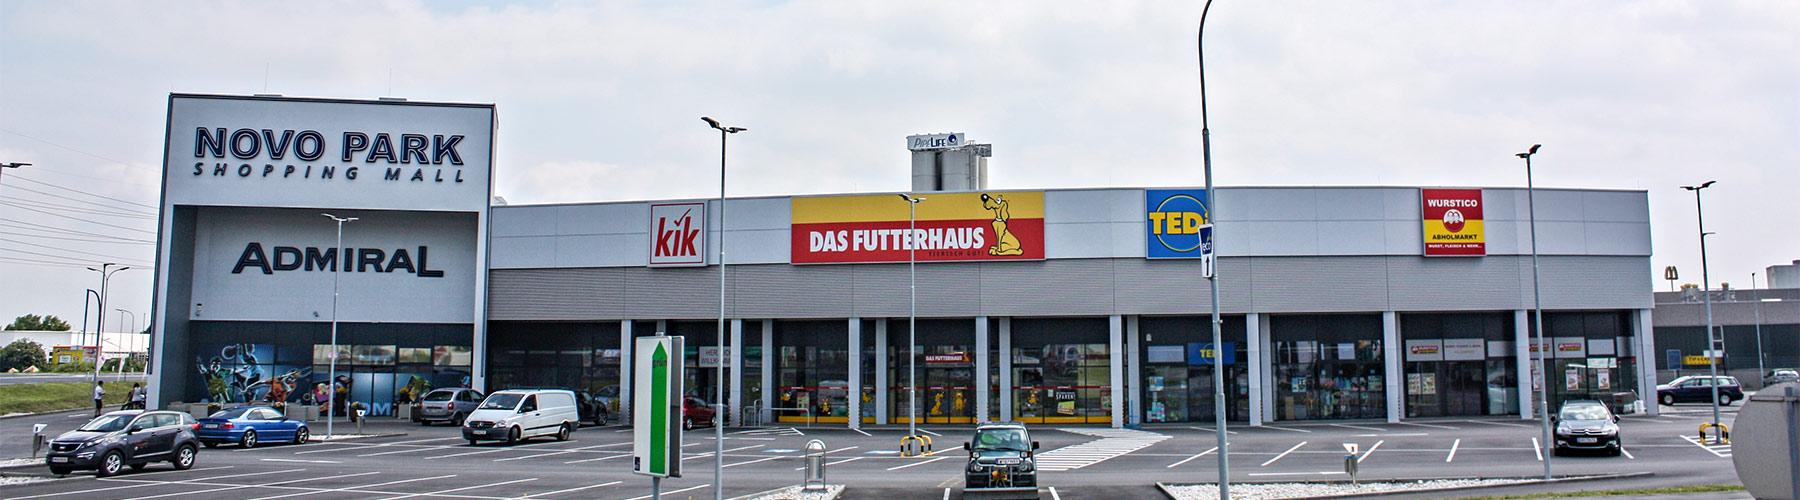 fmz-neudorf